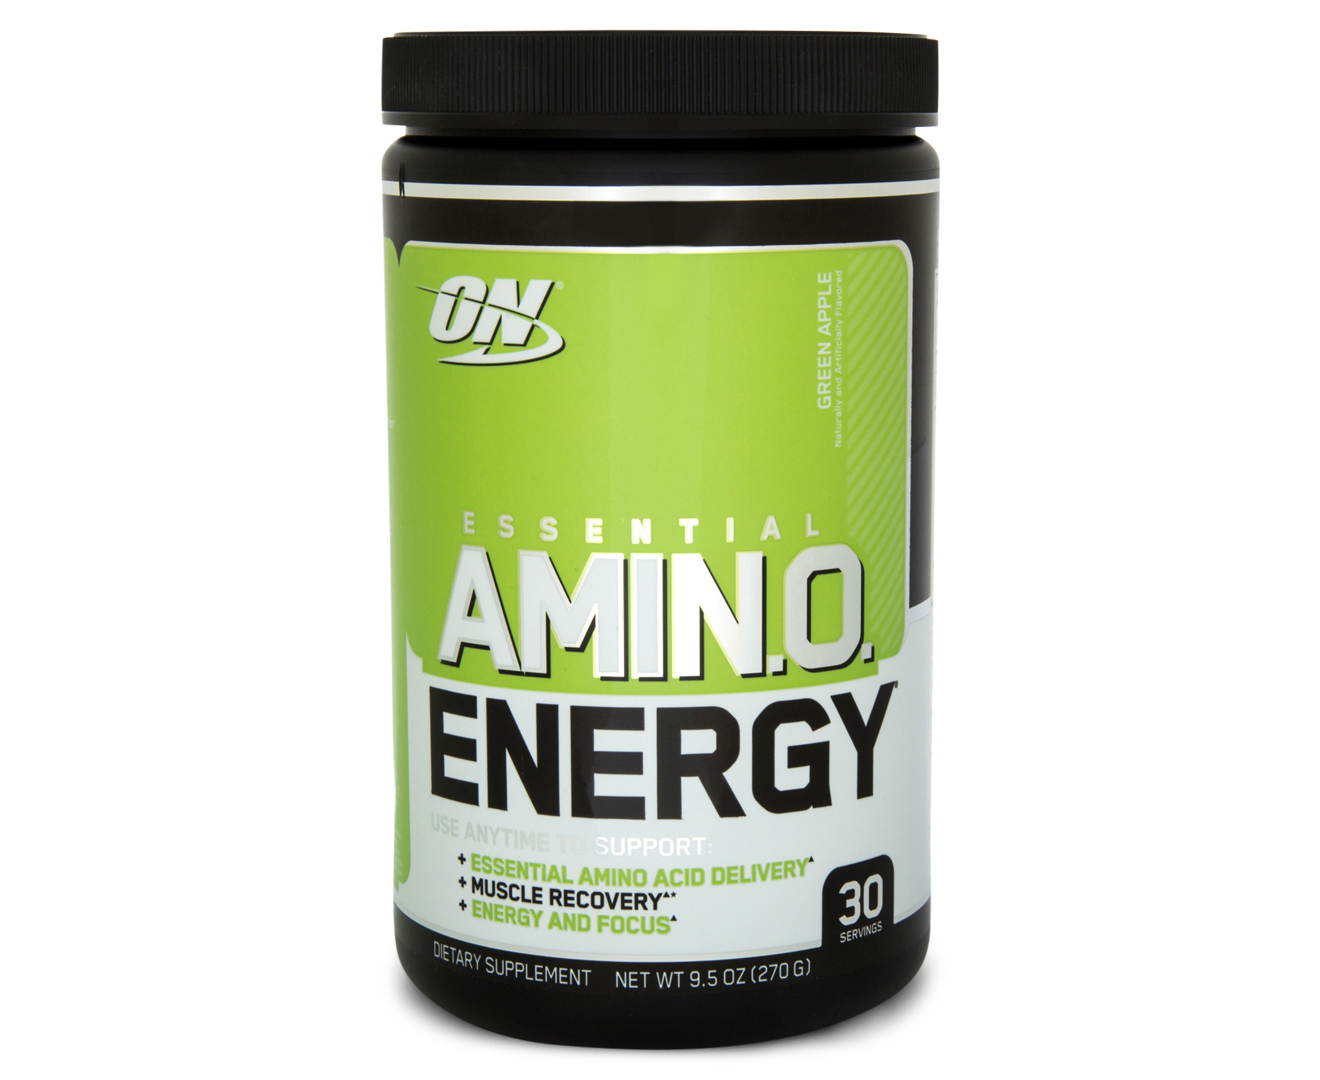 Аминокислоты optimum nutrition как принимать. аминокислоты optimum nutrition. что дают аминокислоты оn